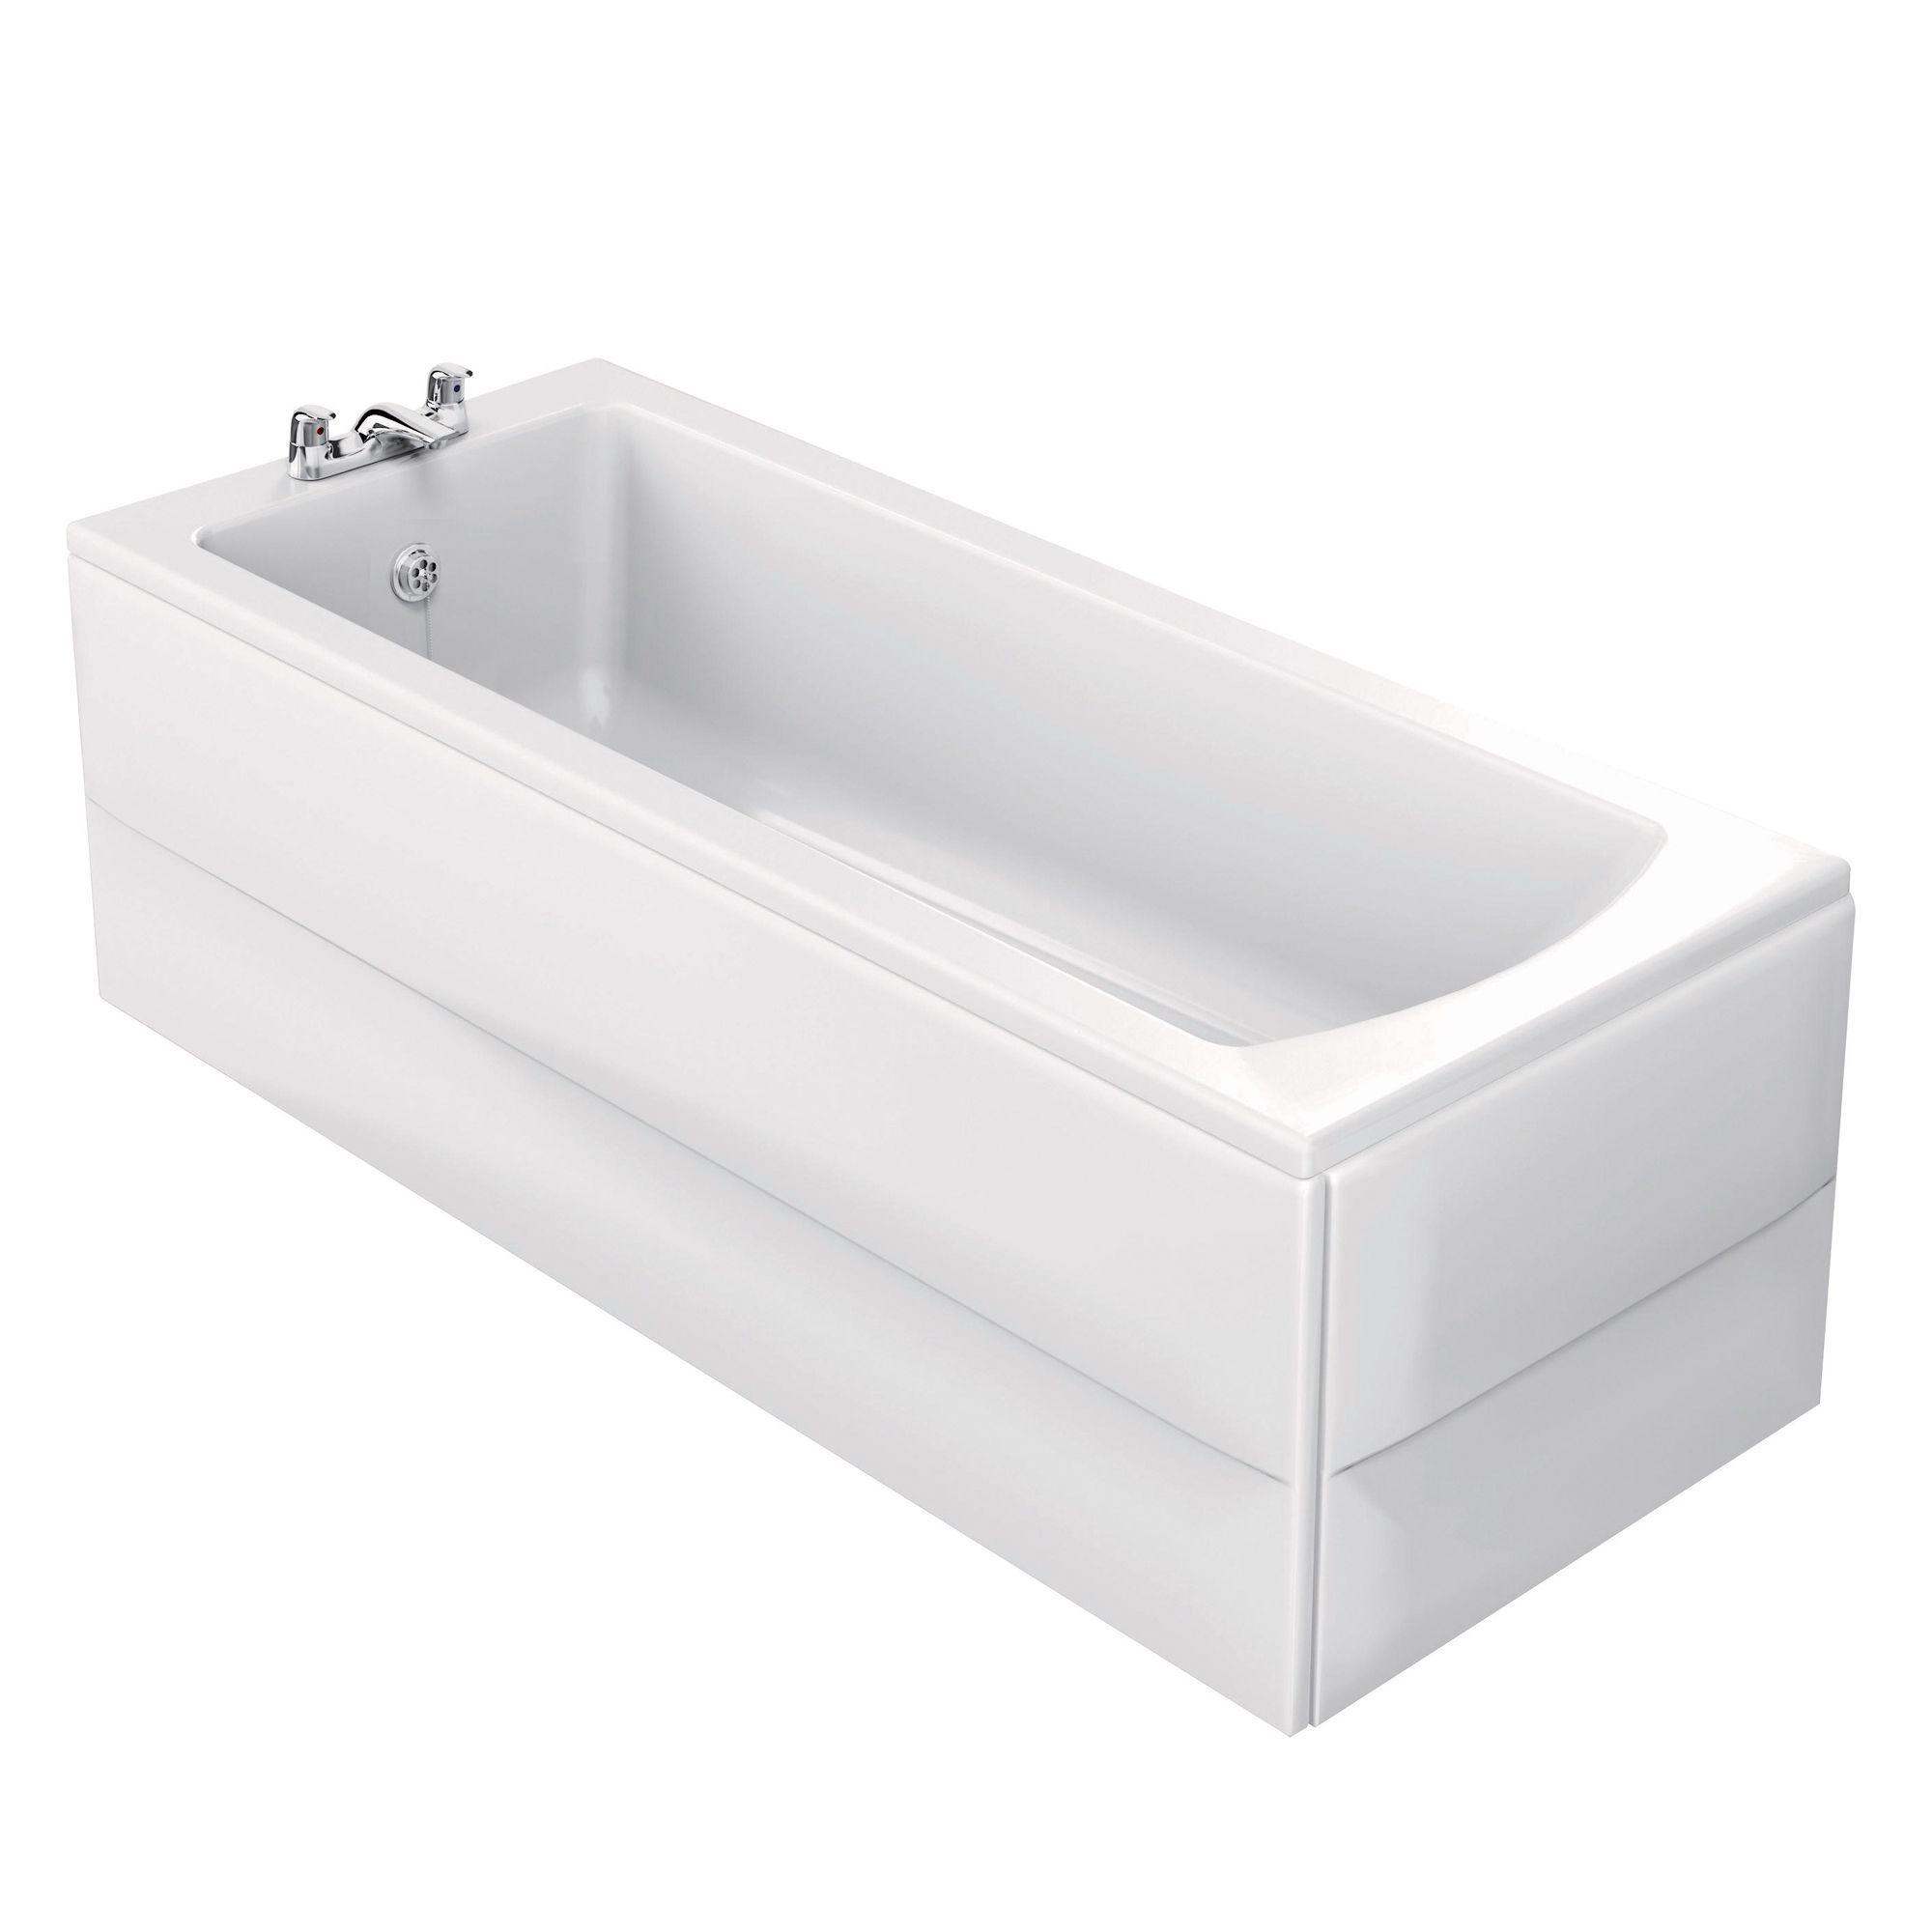 ideal standard vue acrylic rectangular straight bath l 1695mm w ideal standard vue acrylic rectangular straight bath l 1695mm w 695mm departments diy at b q